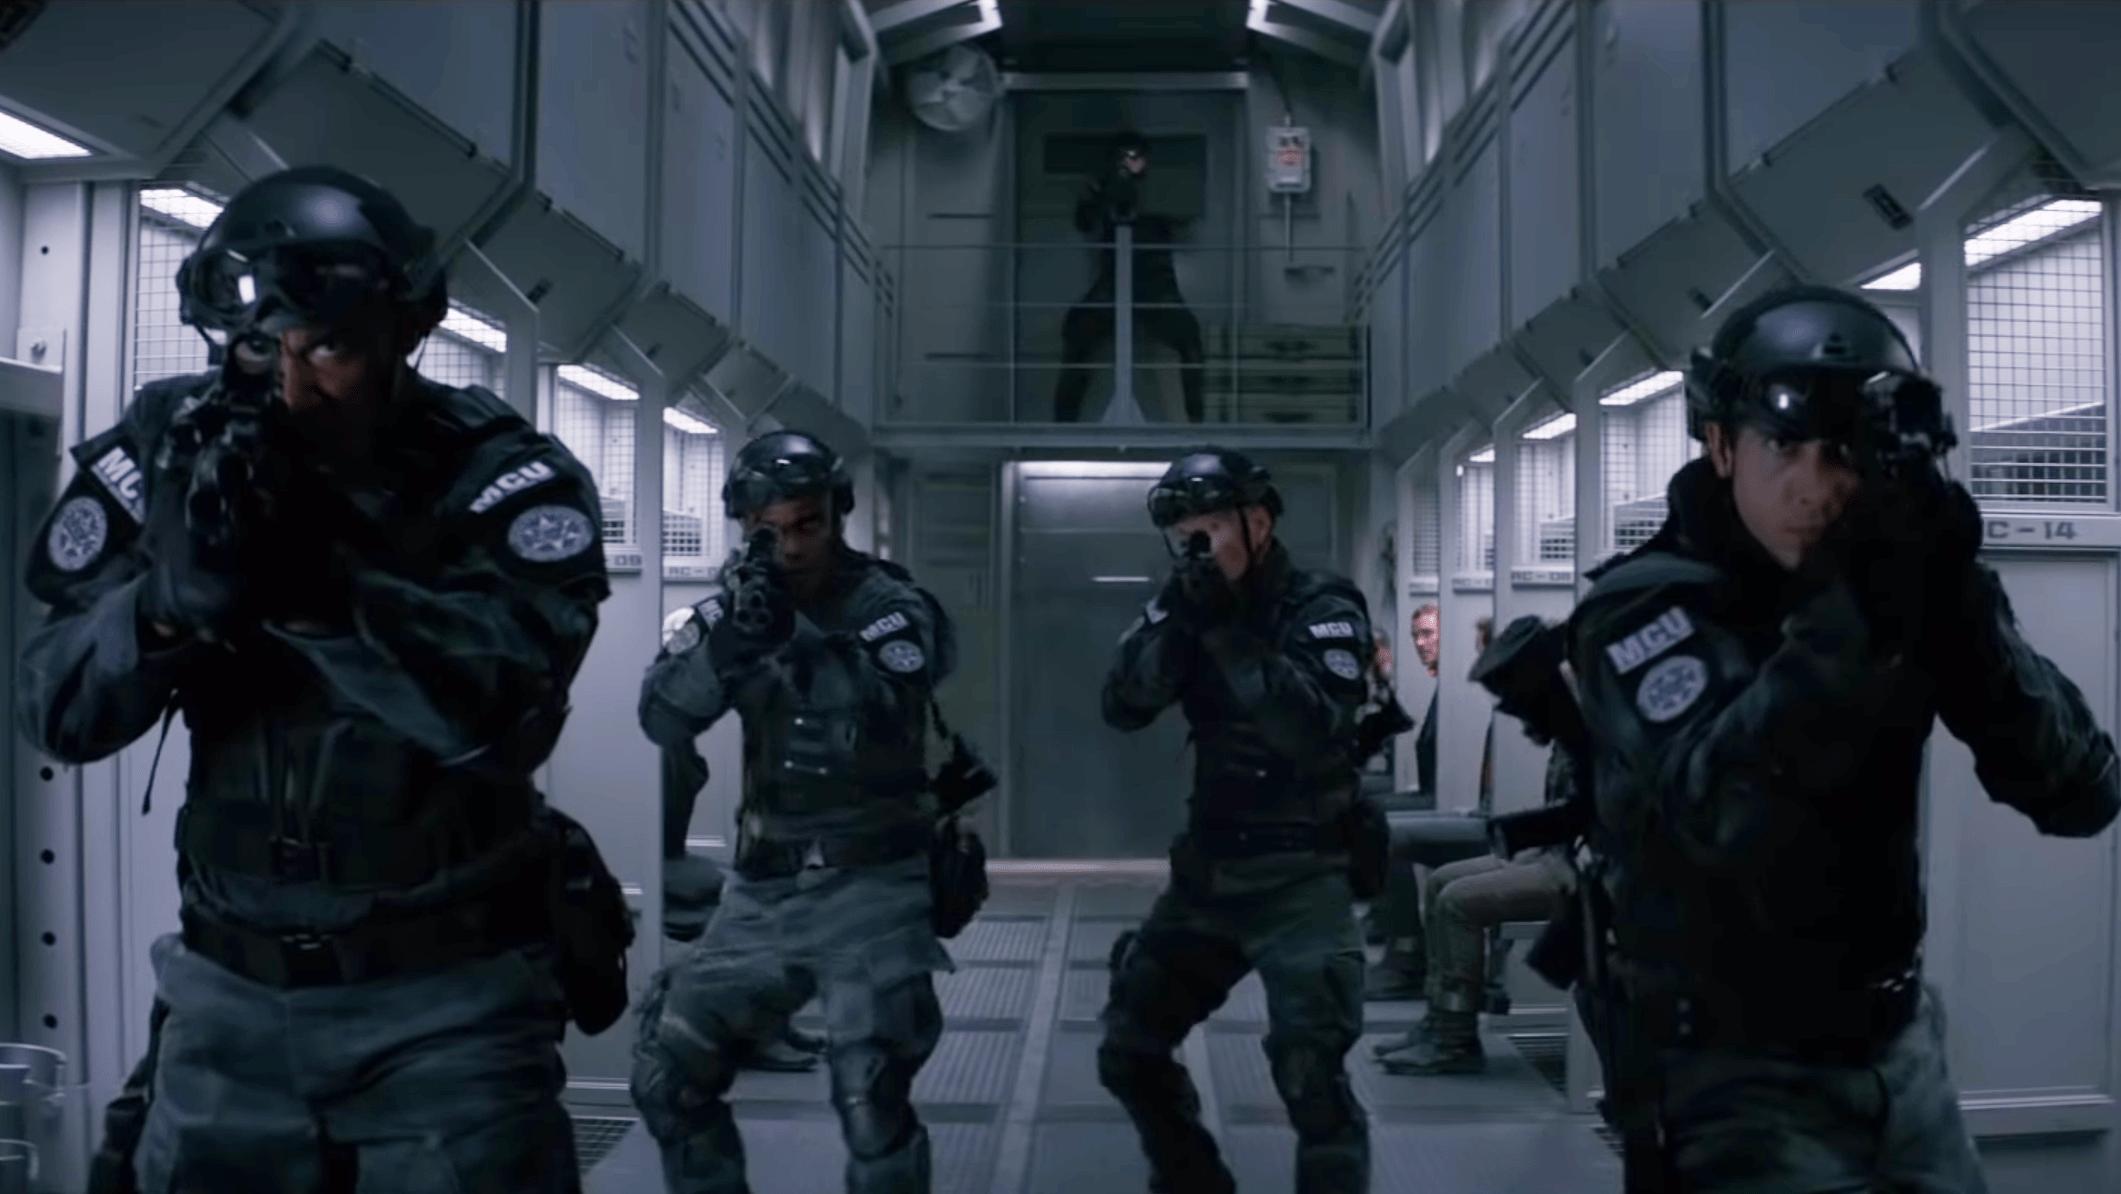 На самом деле, новый трейлер «Тёмного феникса» — про солдат Киновселенной Marvel, которые захватывают мутантов